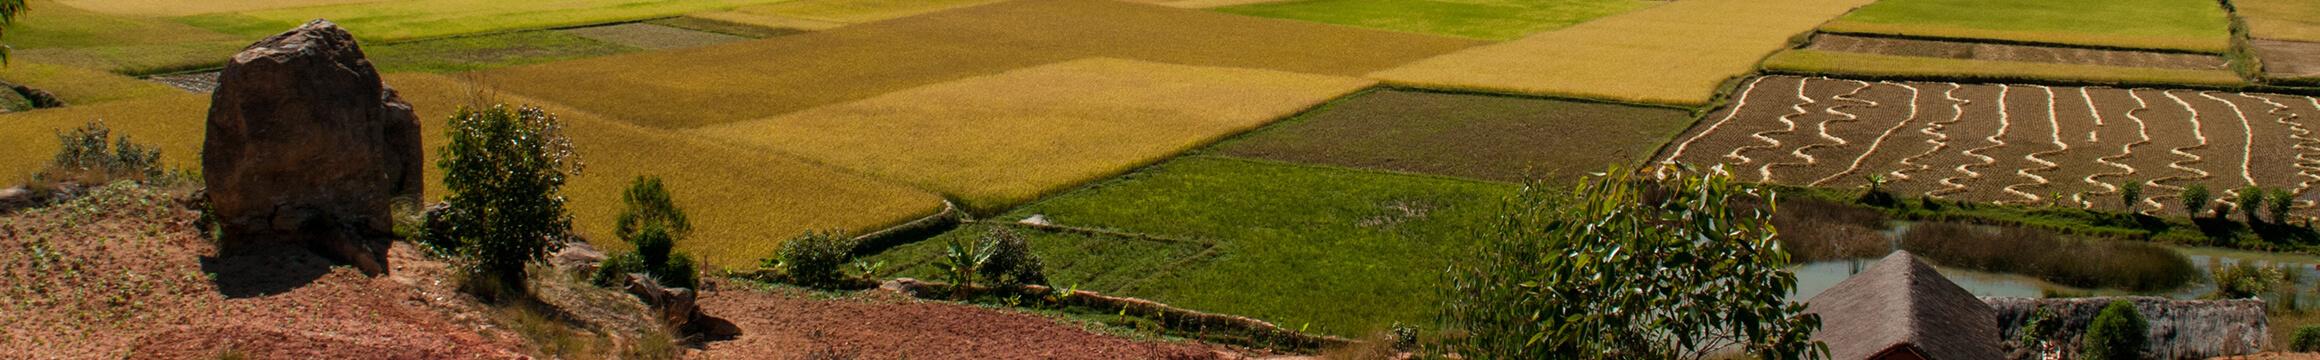 Farming Rural 06